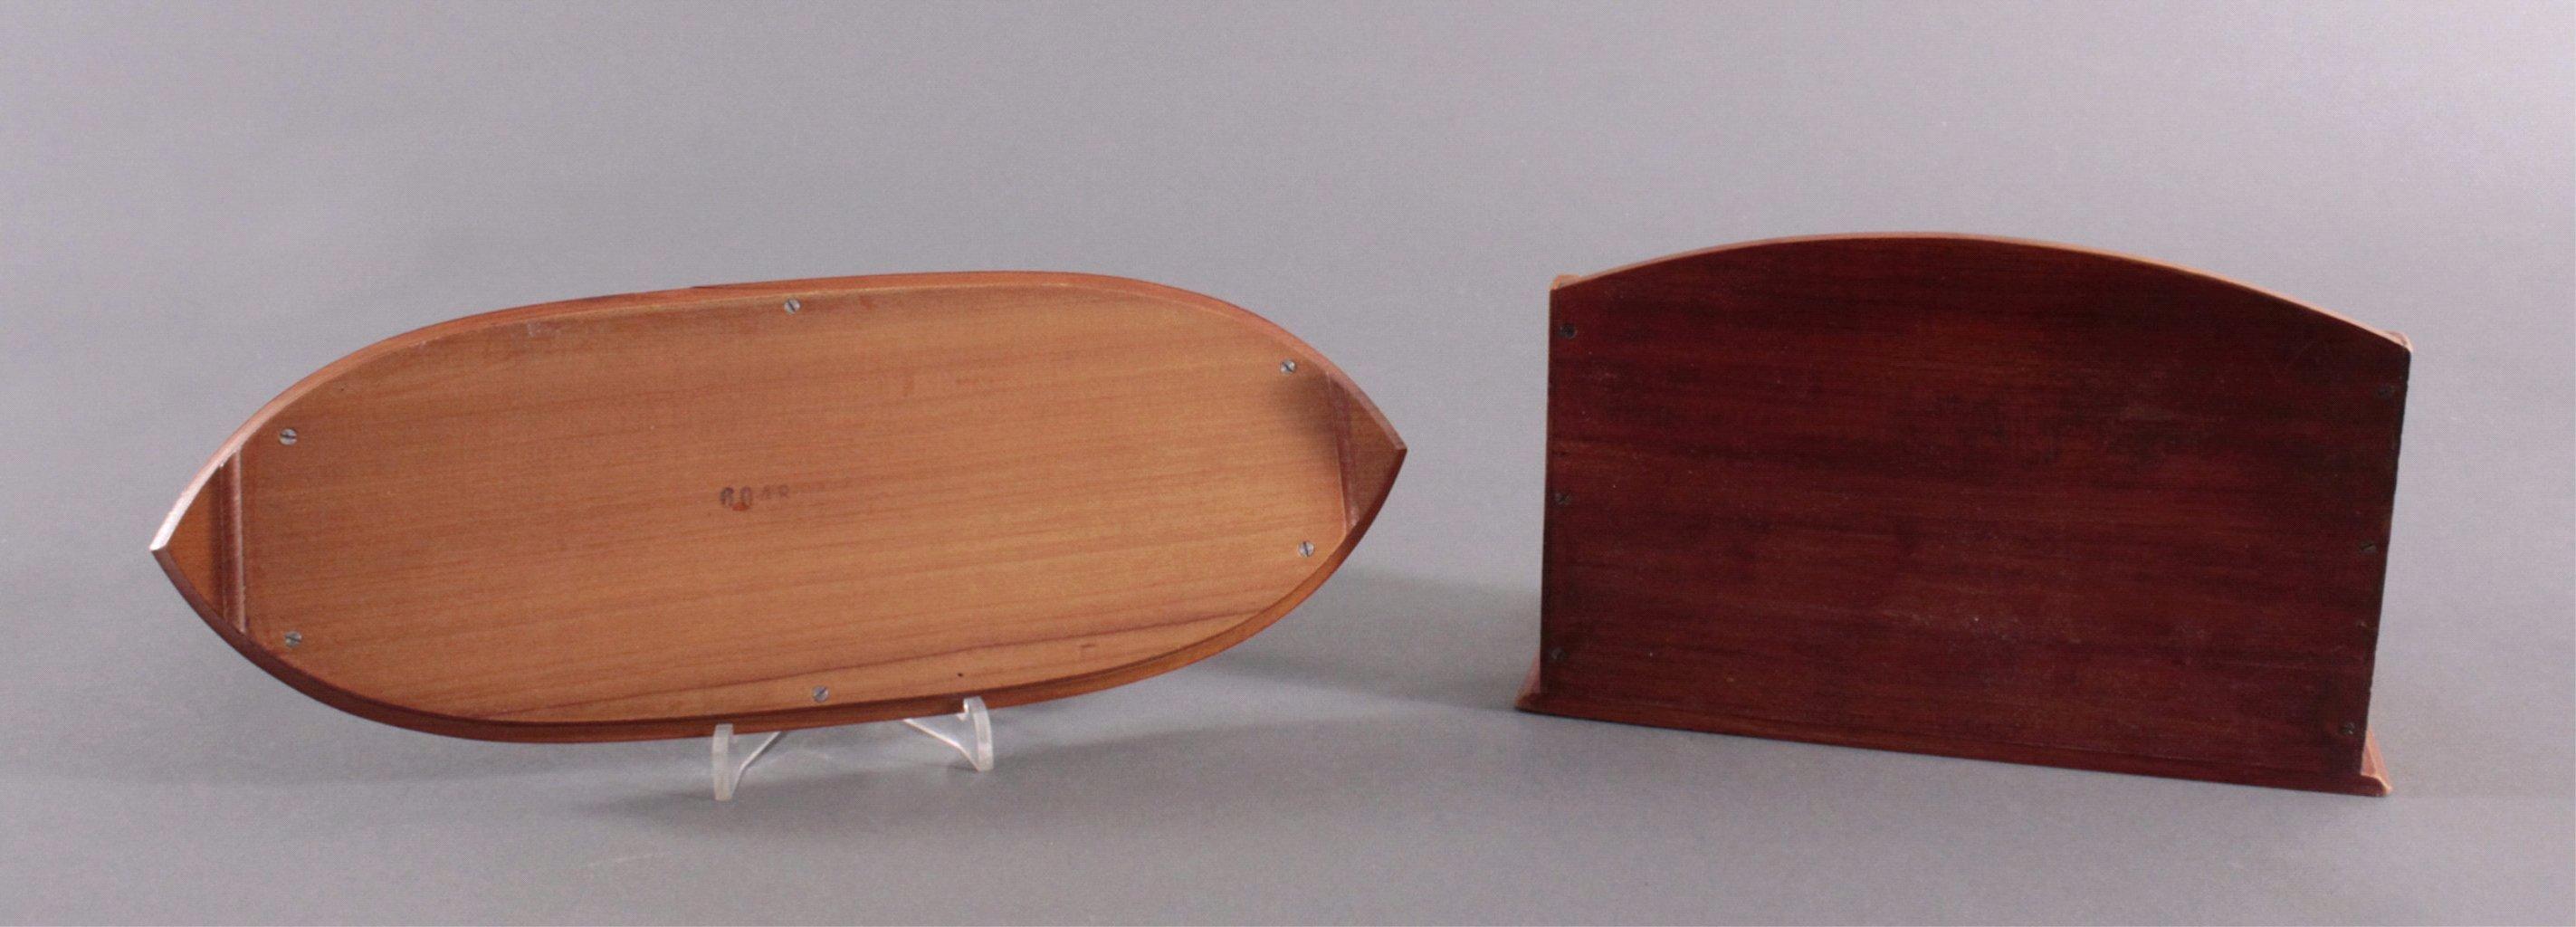 Jugendstil Schreibtischgarnitur-1